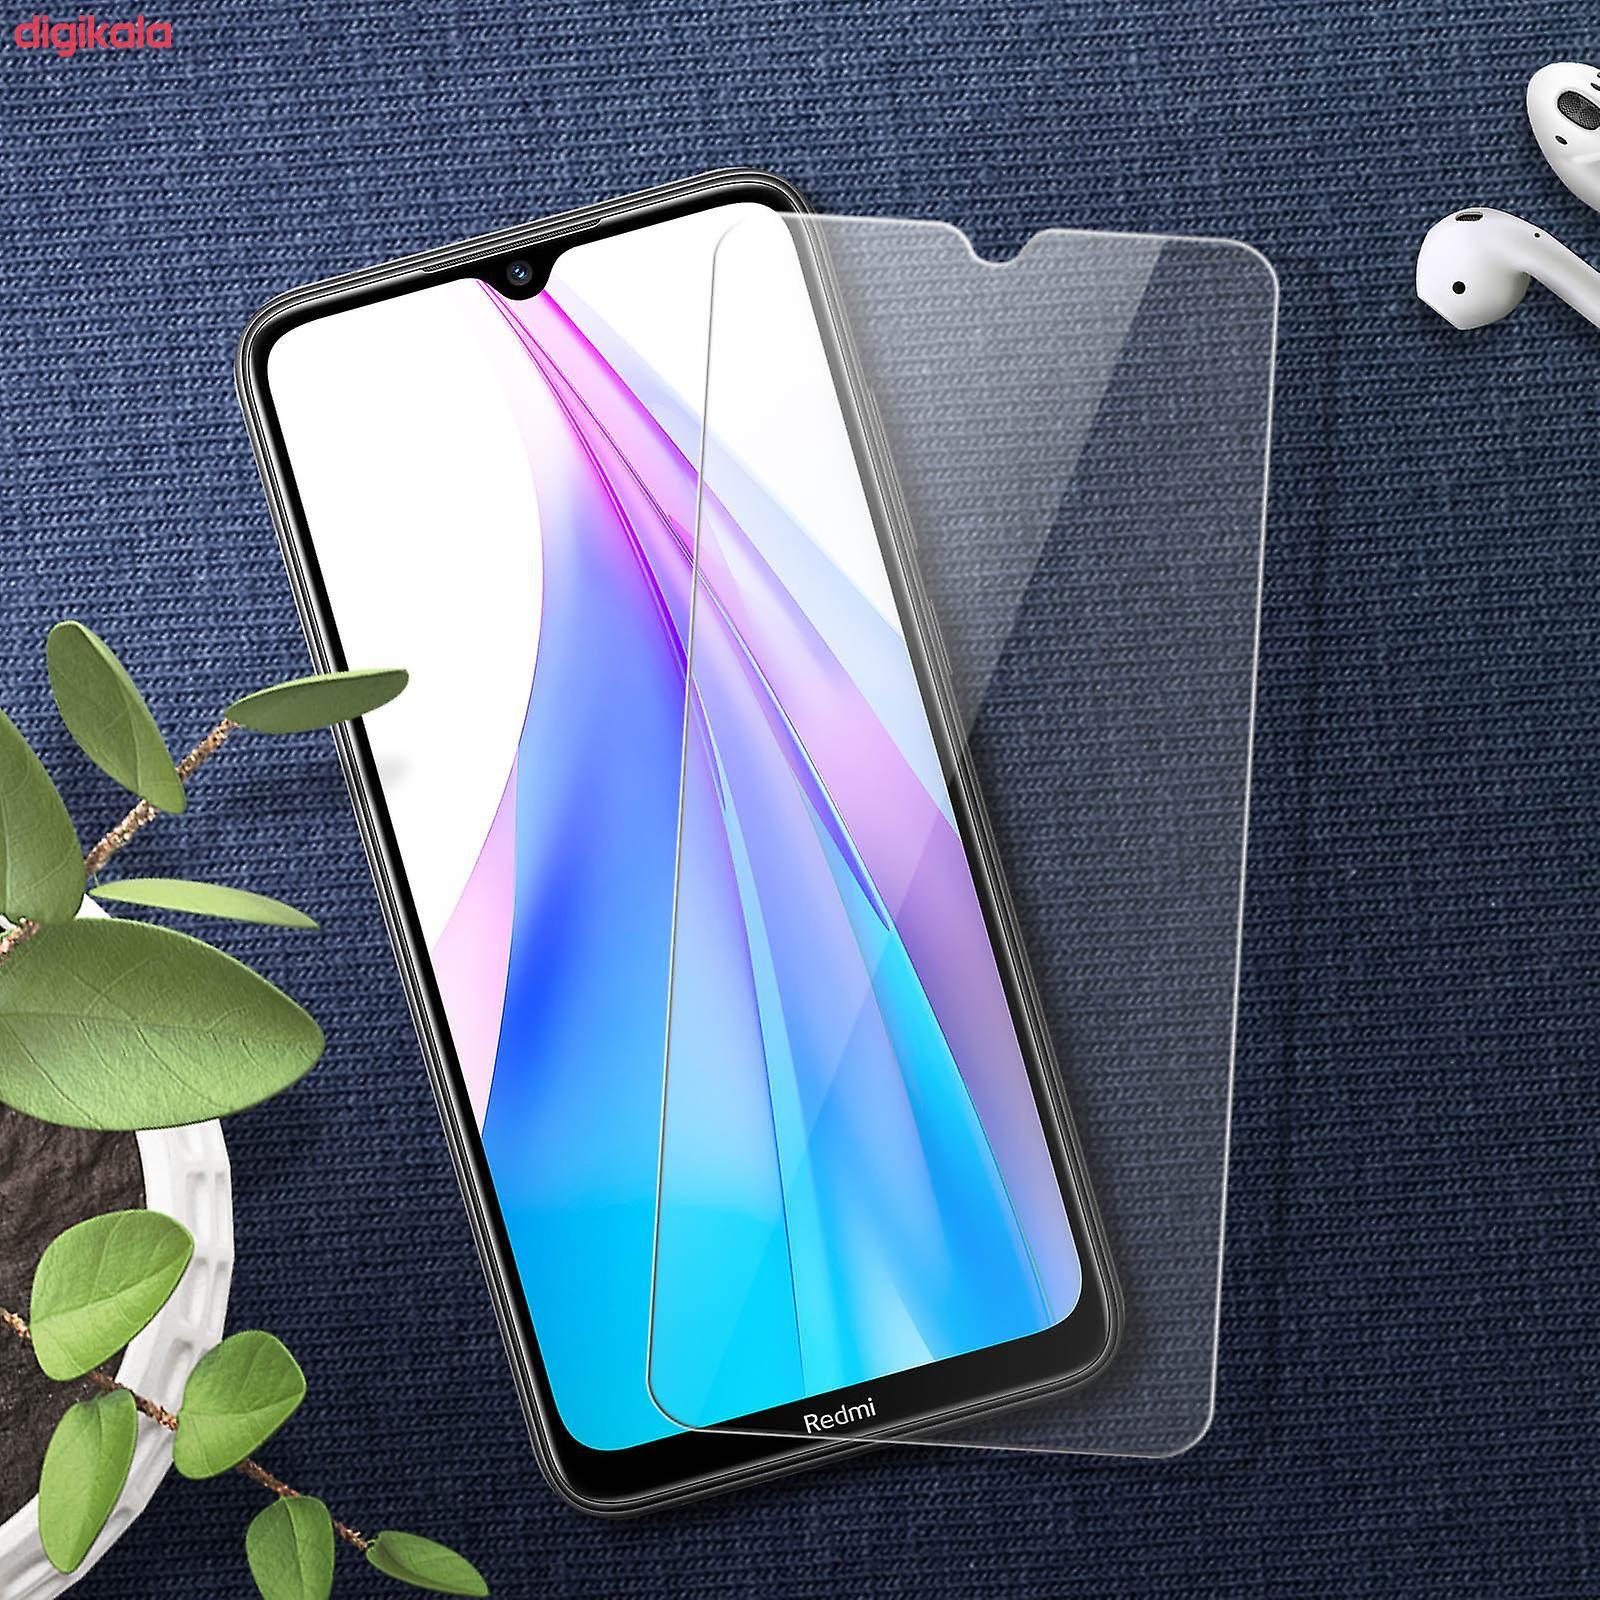 محافظ صفحه نمایش سیحان مدل CLT مناسب برای گوشی موبایل  شیائومی Redmi Note 8 / Note 8t main 1 3